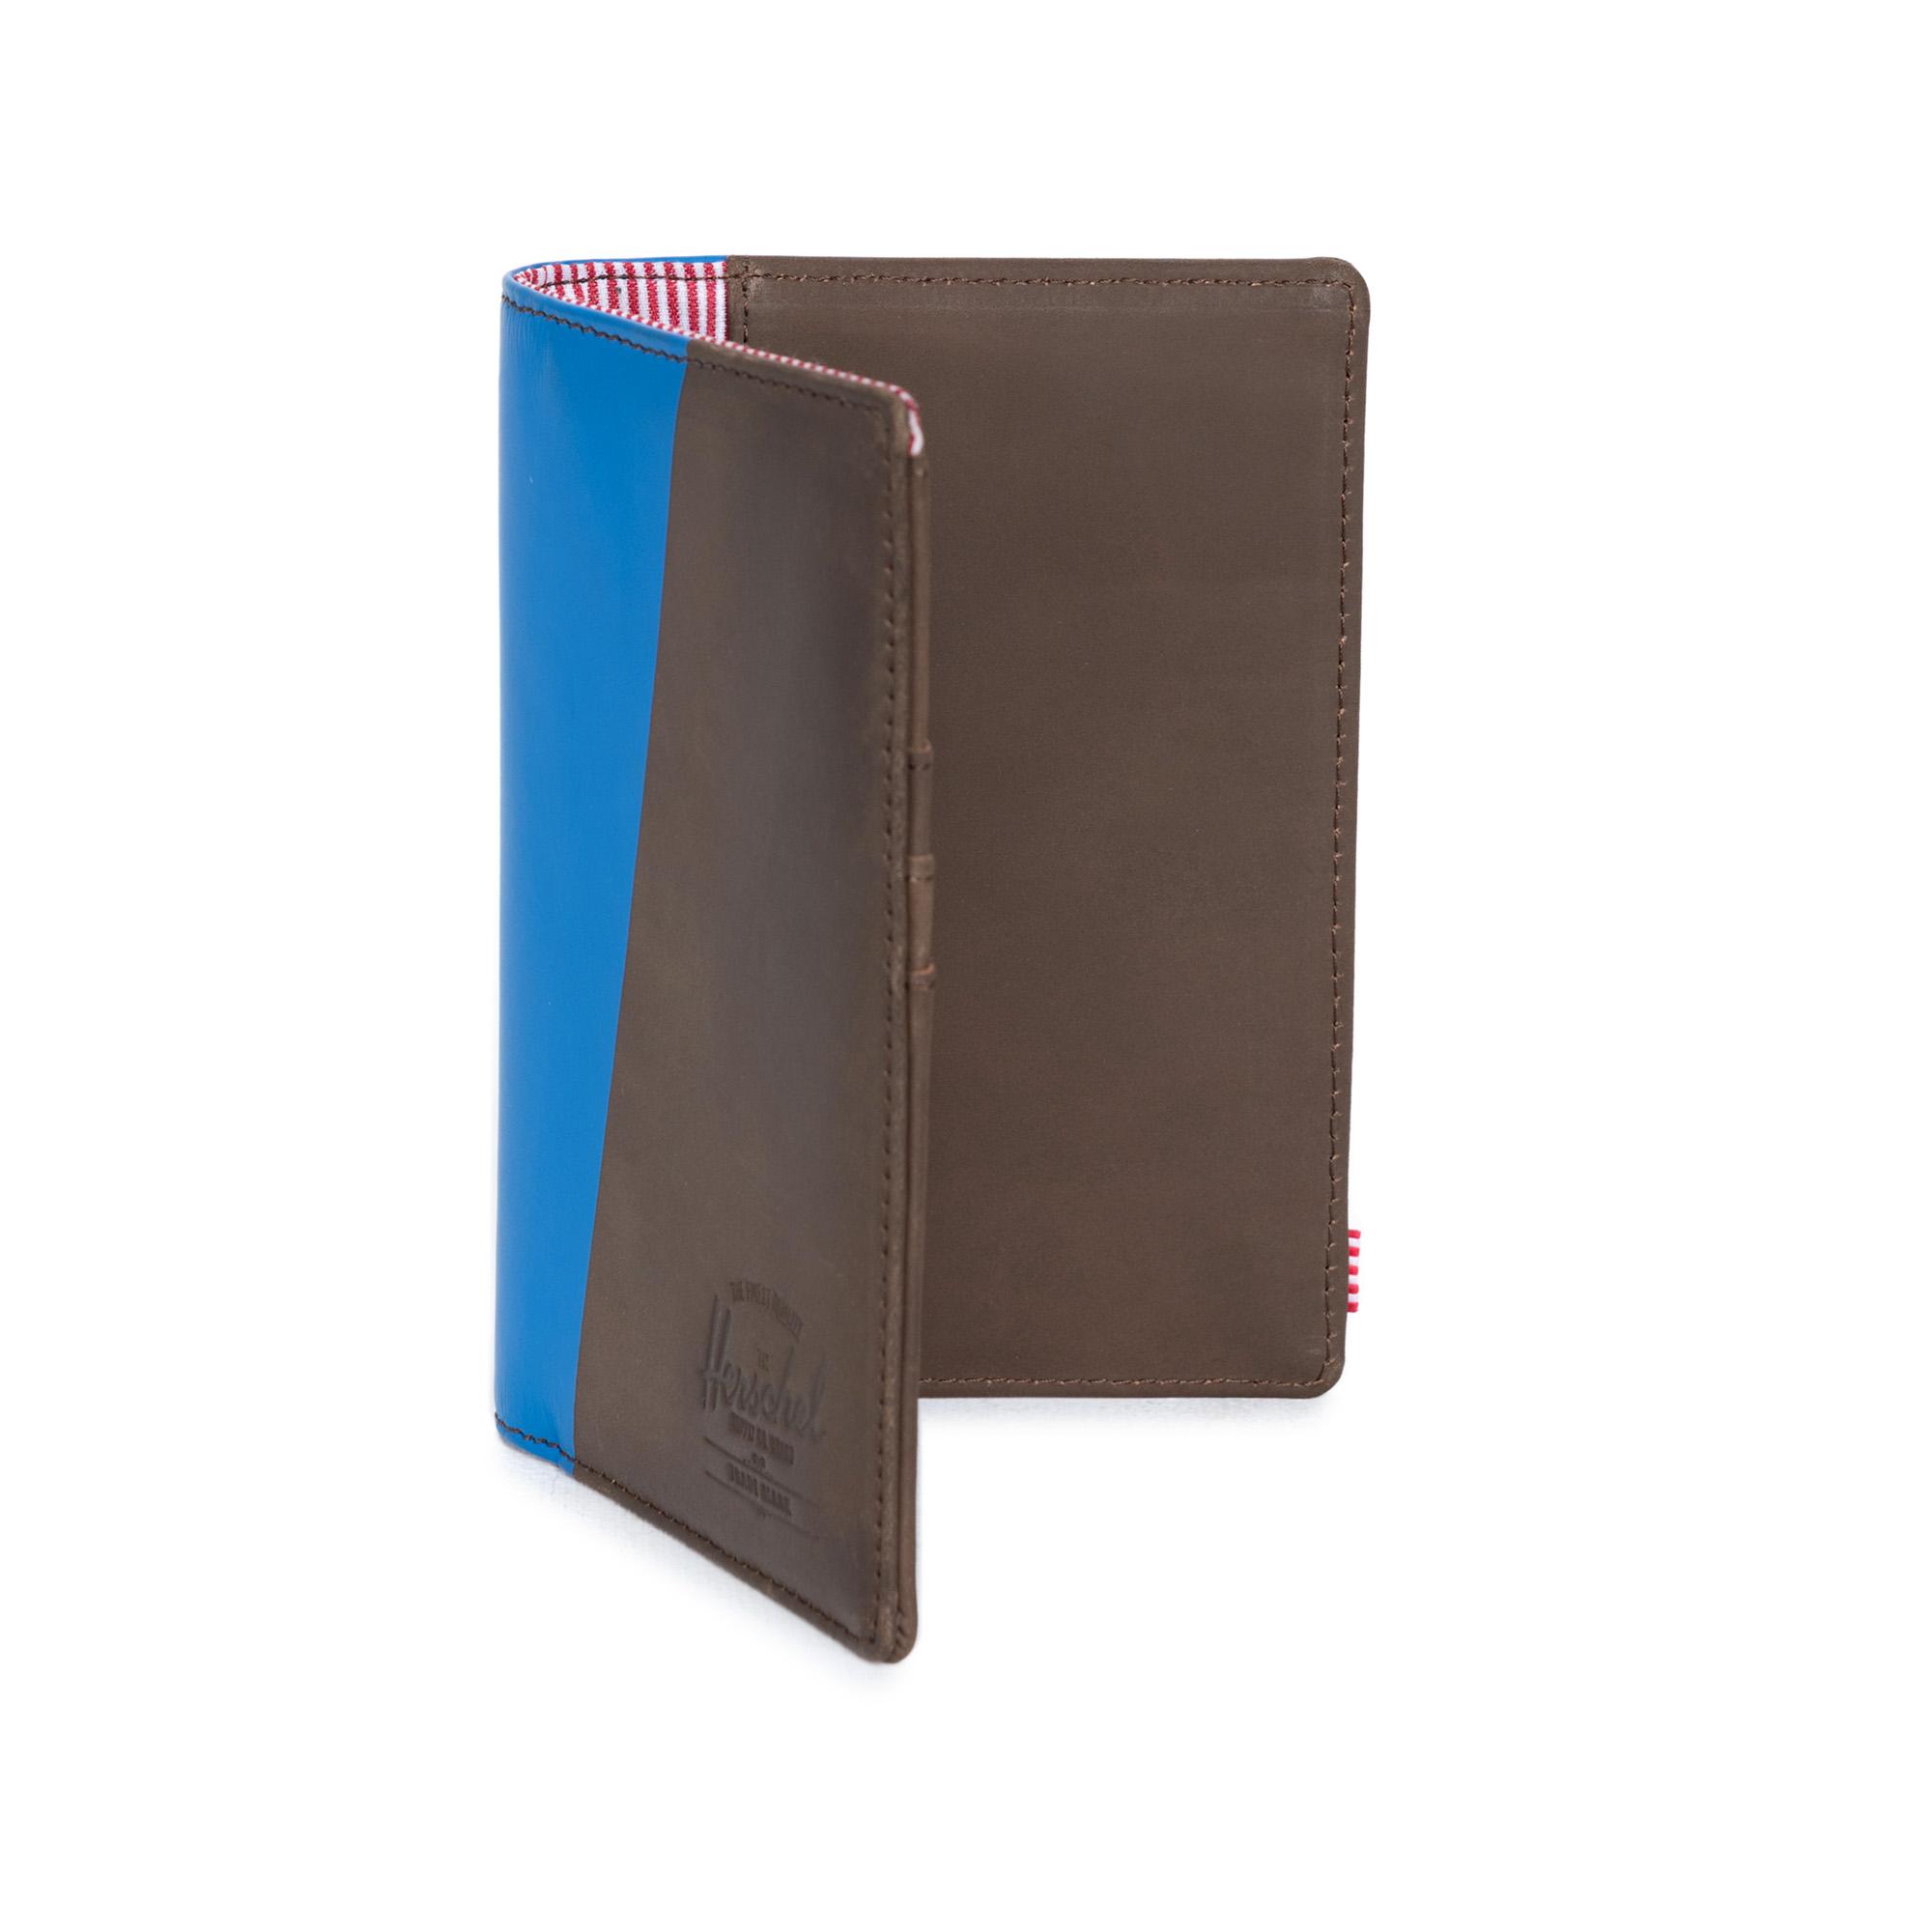 ※[허쉘]HERSCHEL - RAYNOR PASSPORT HOLDER Leather (Nubuck/Cobalt) 허쉘코리아 정품 가죽 여권지갑